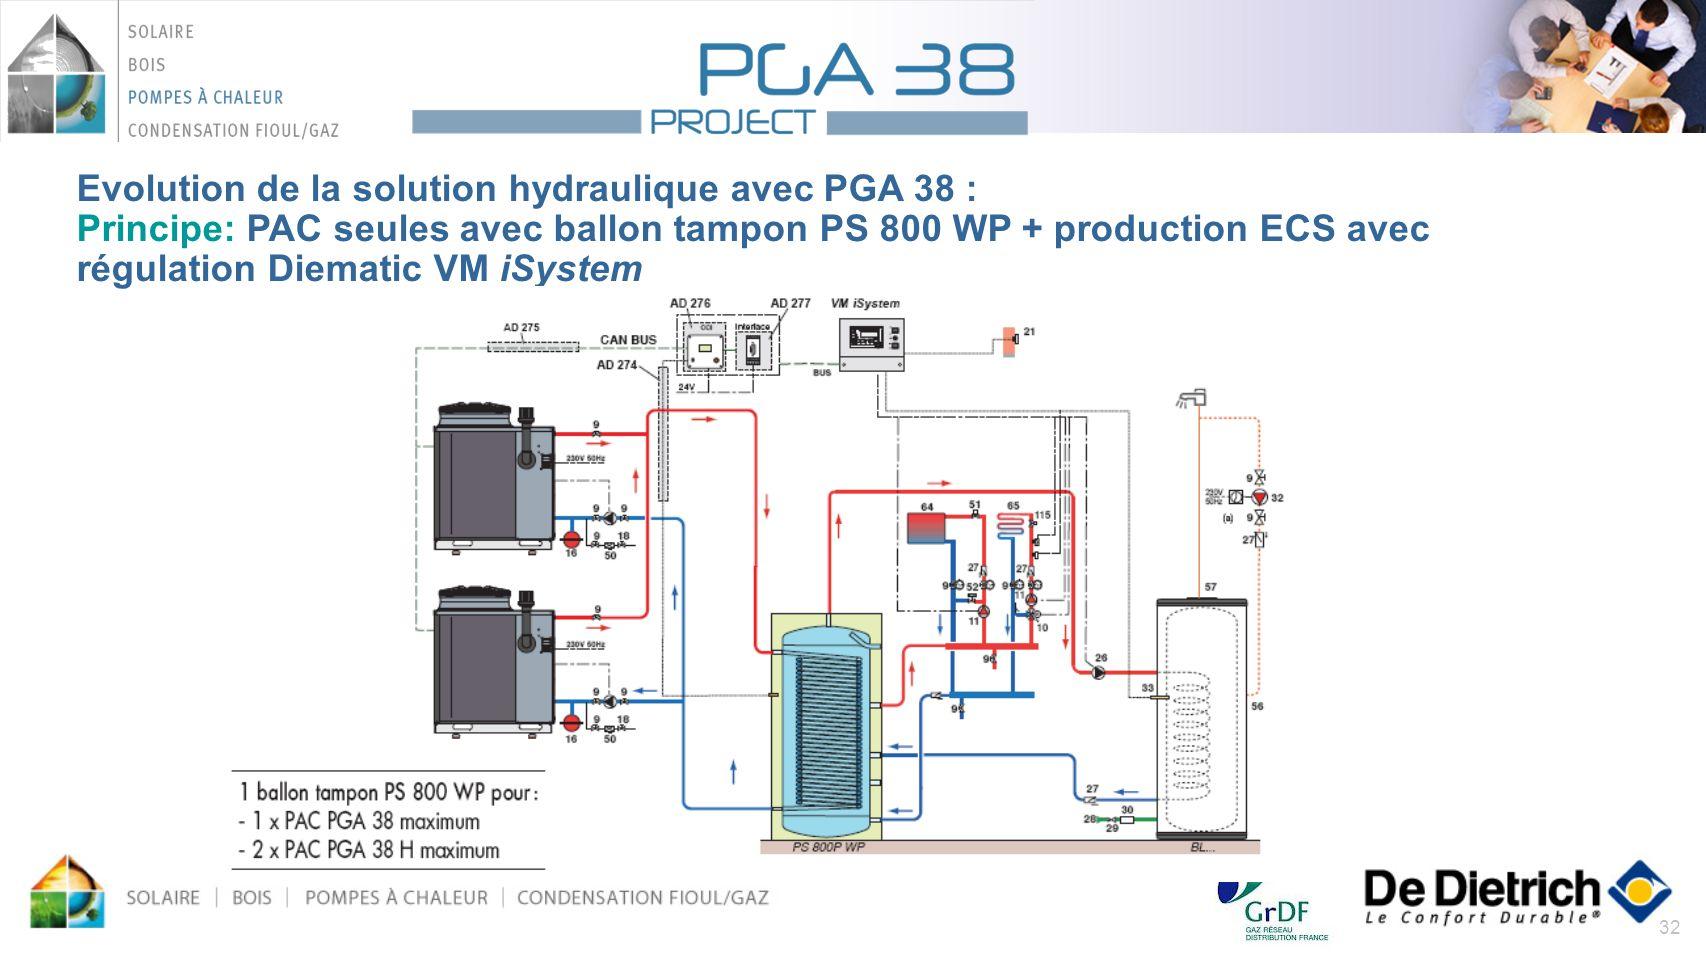 Evolution de la solution hydraulique avec PGA 38 : Principe: PAC seules avec ballon tampon PS 800 WP + production ECS avec régulation Diematic VM iSystem